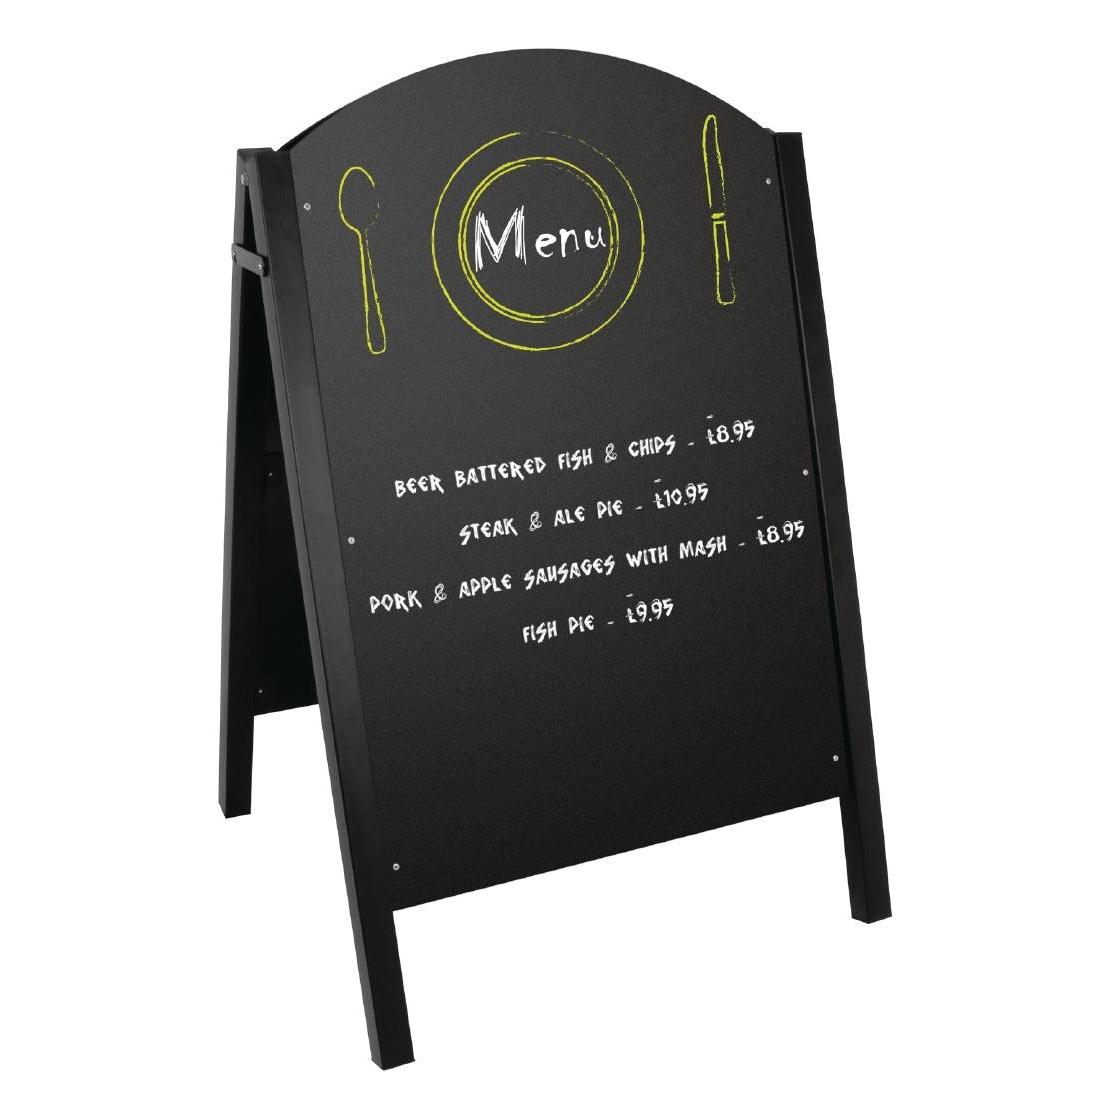 Panneau de trottoir noir structure métallique 1025(H) x 675(L) x 660(P)mm